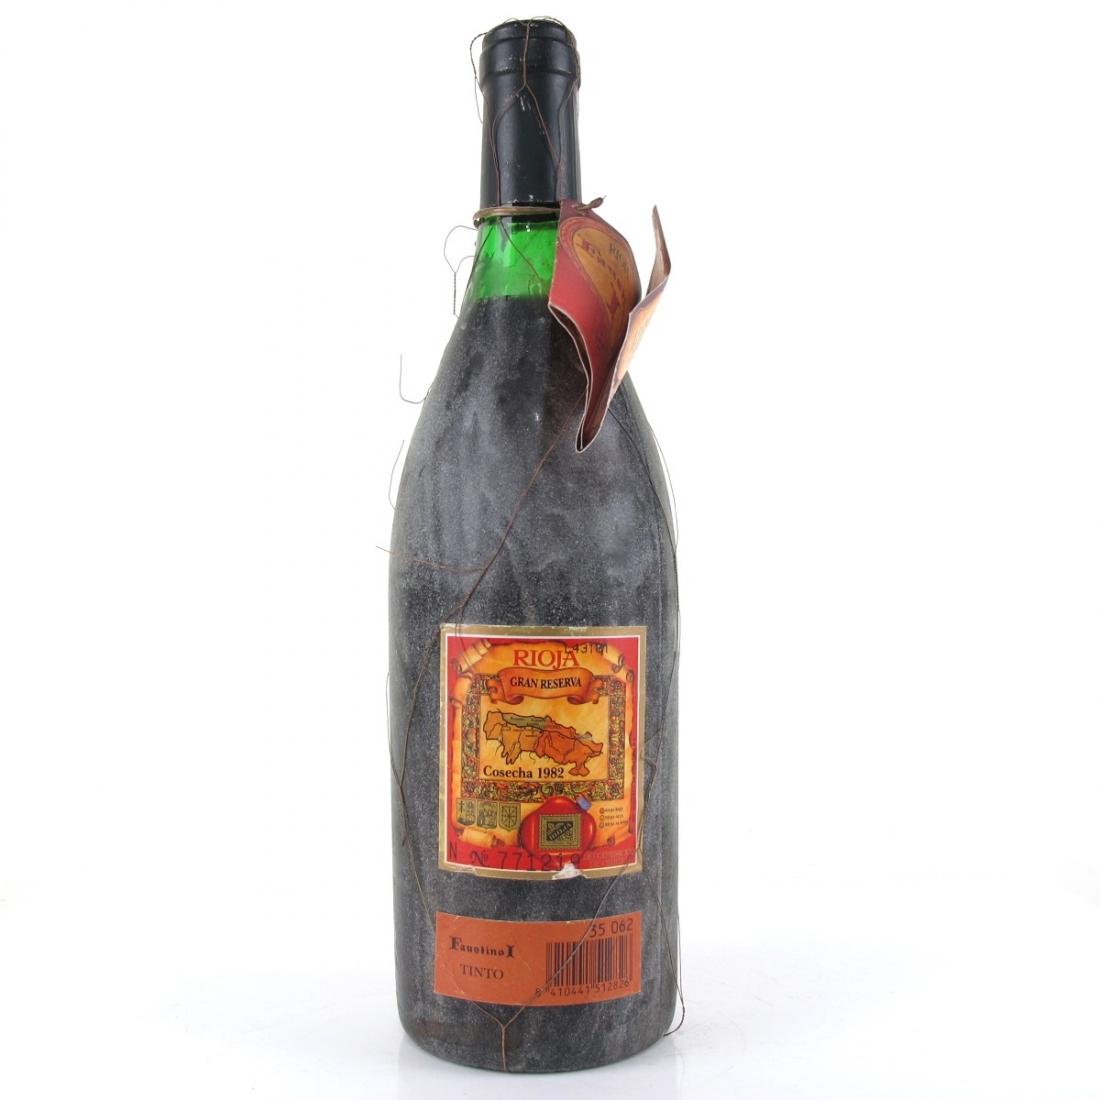 Faustino I 1982 Rioja Gran Reserva